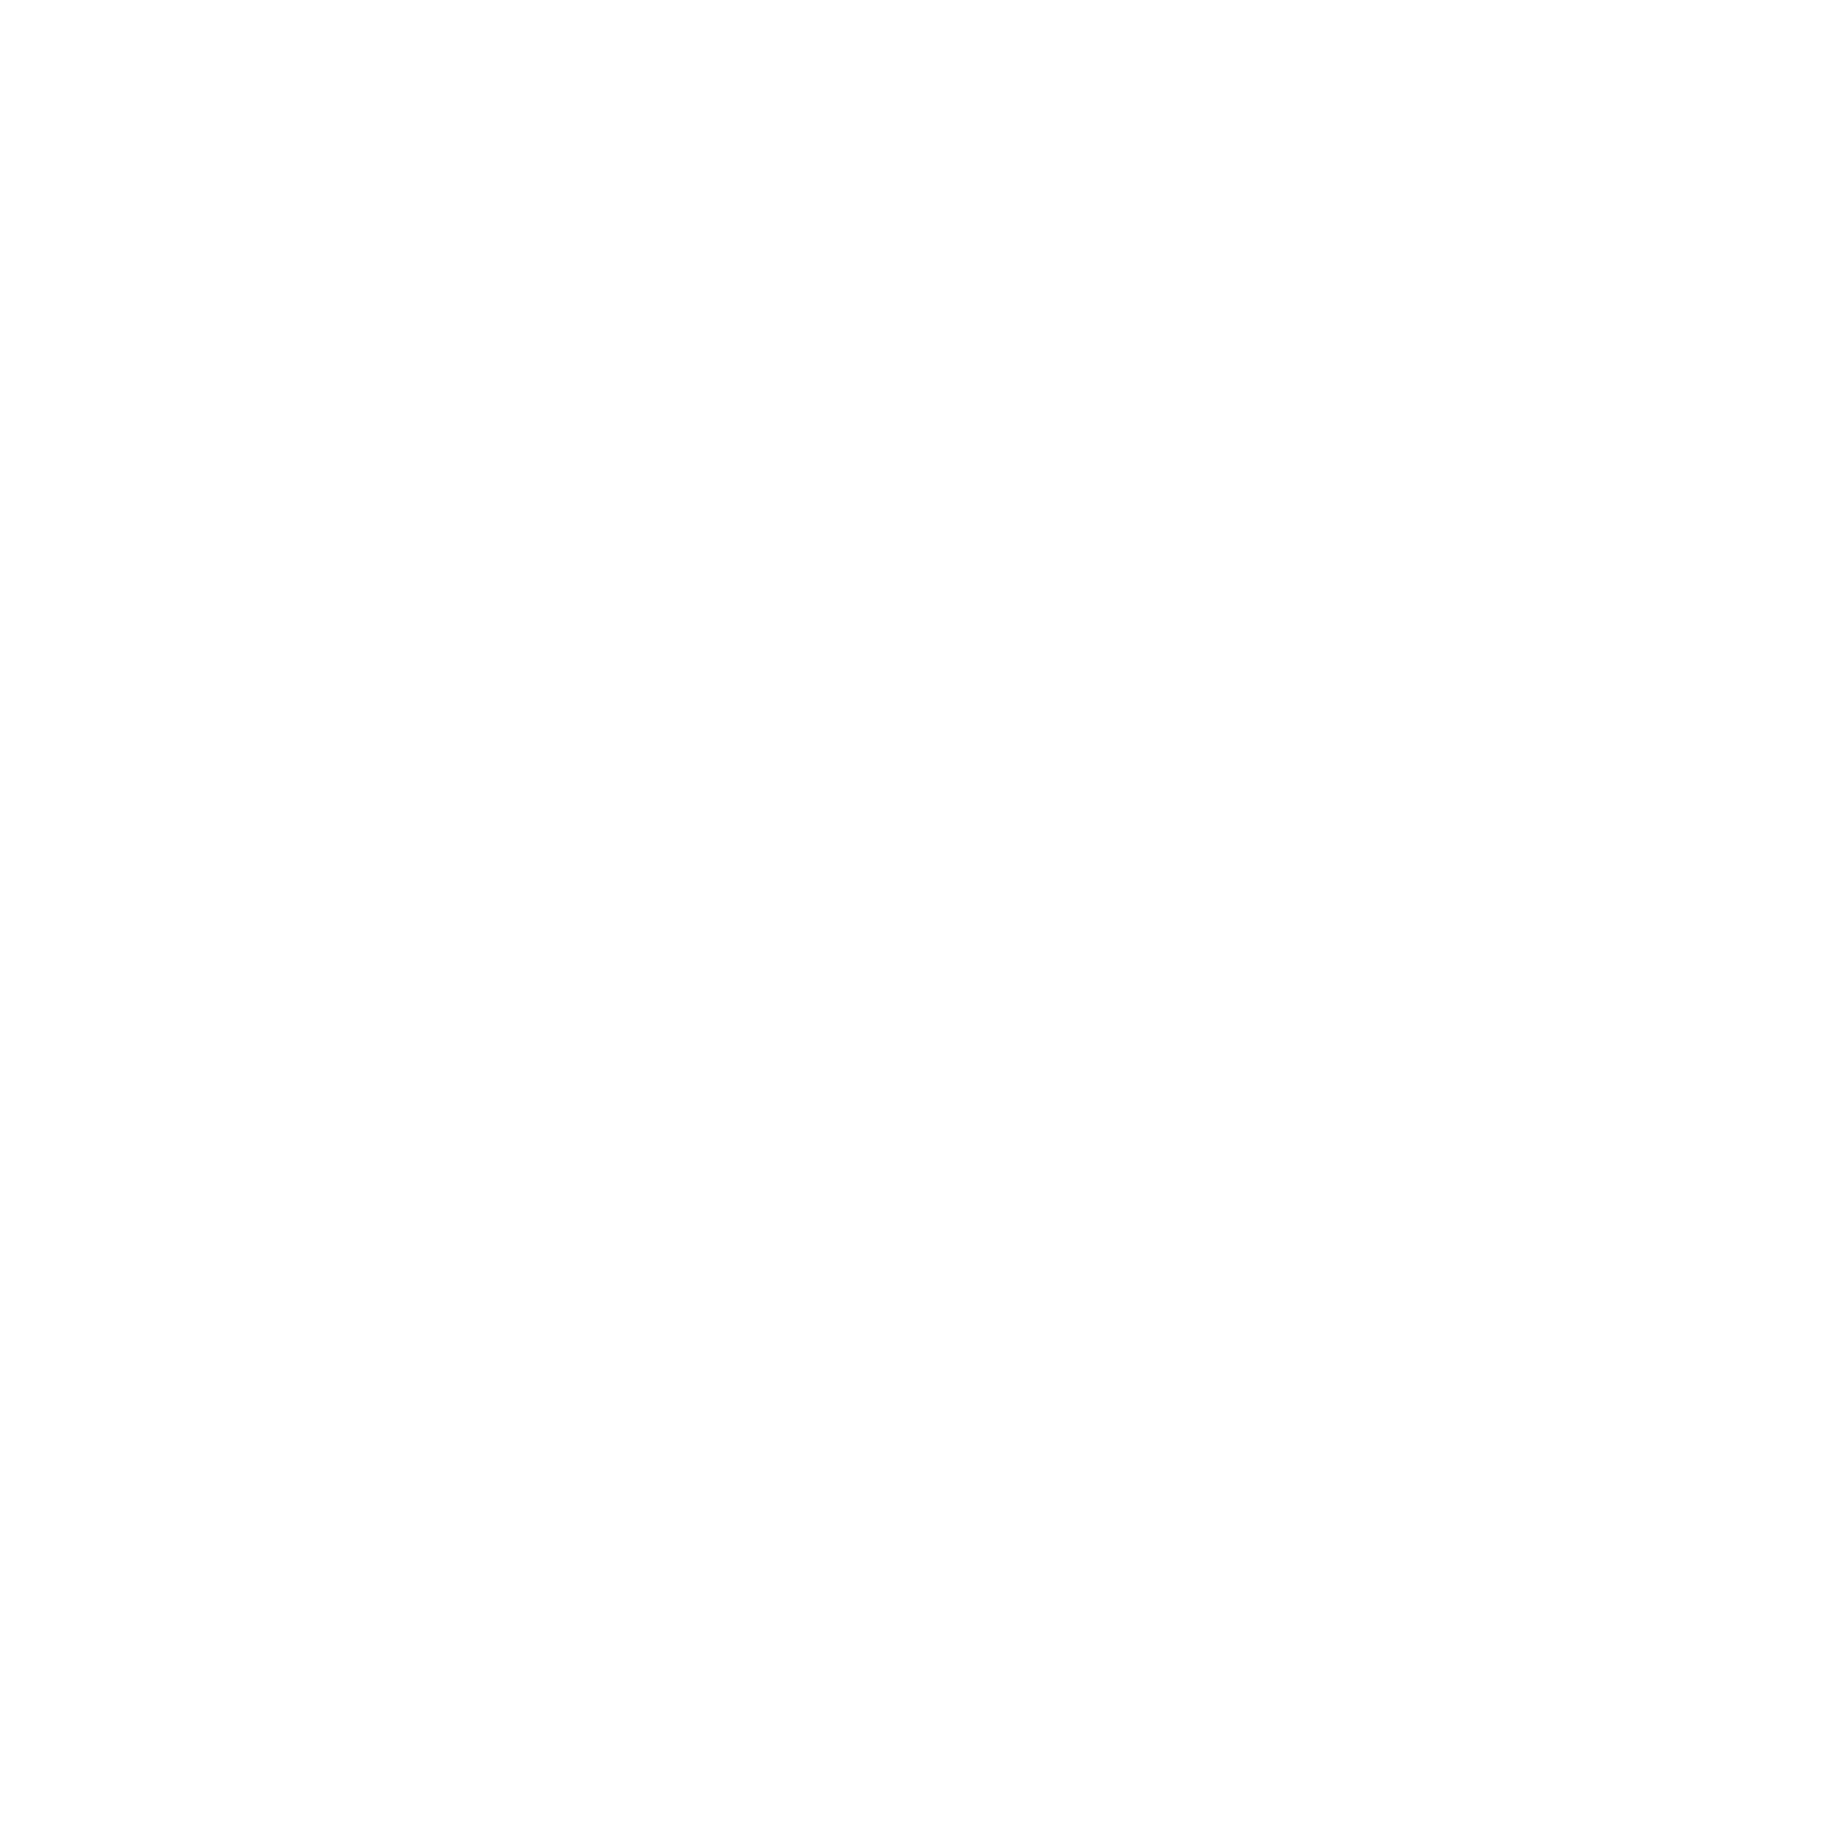 バイオミュータント 【PS4ゲームソフト】_1